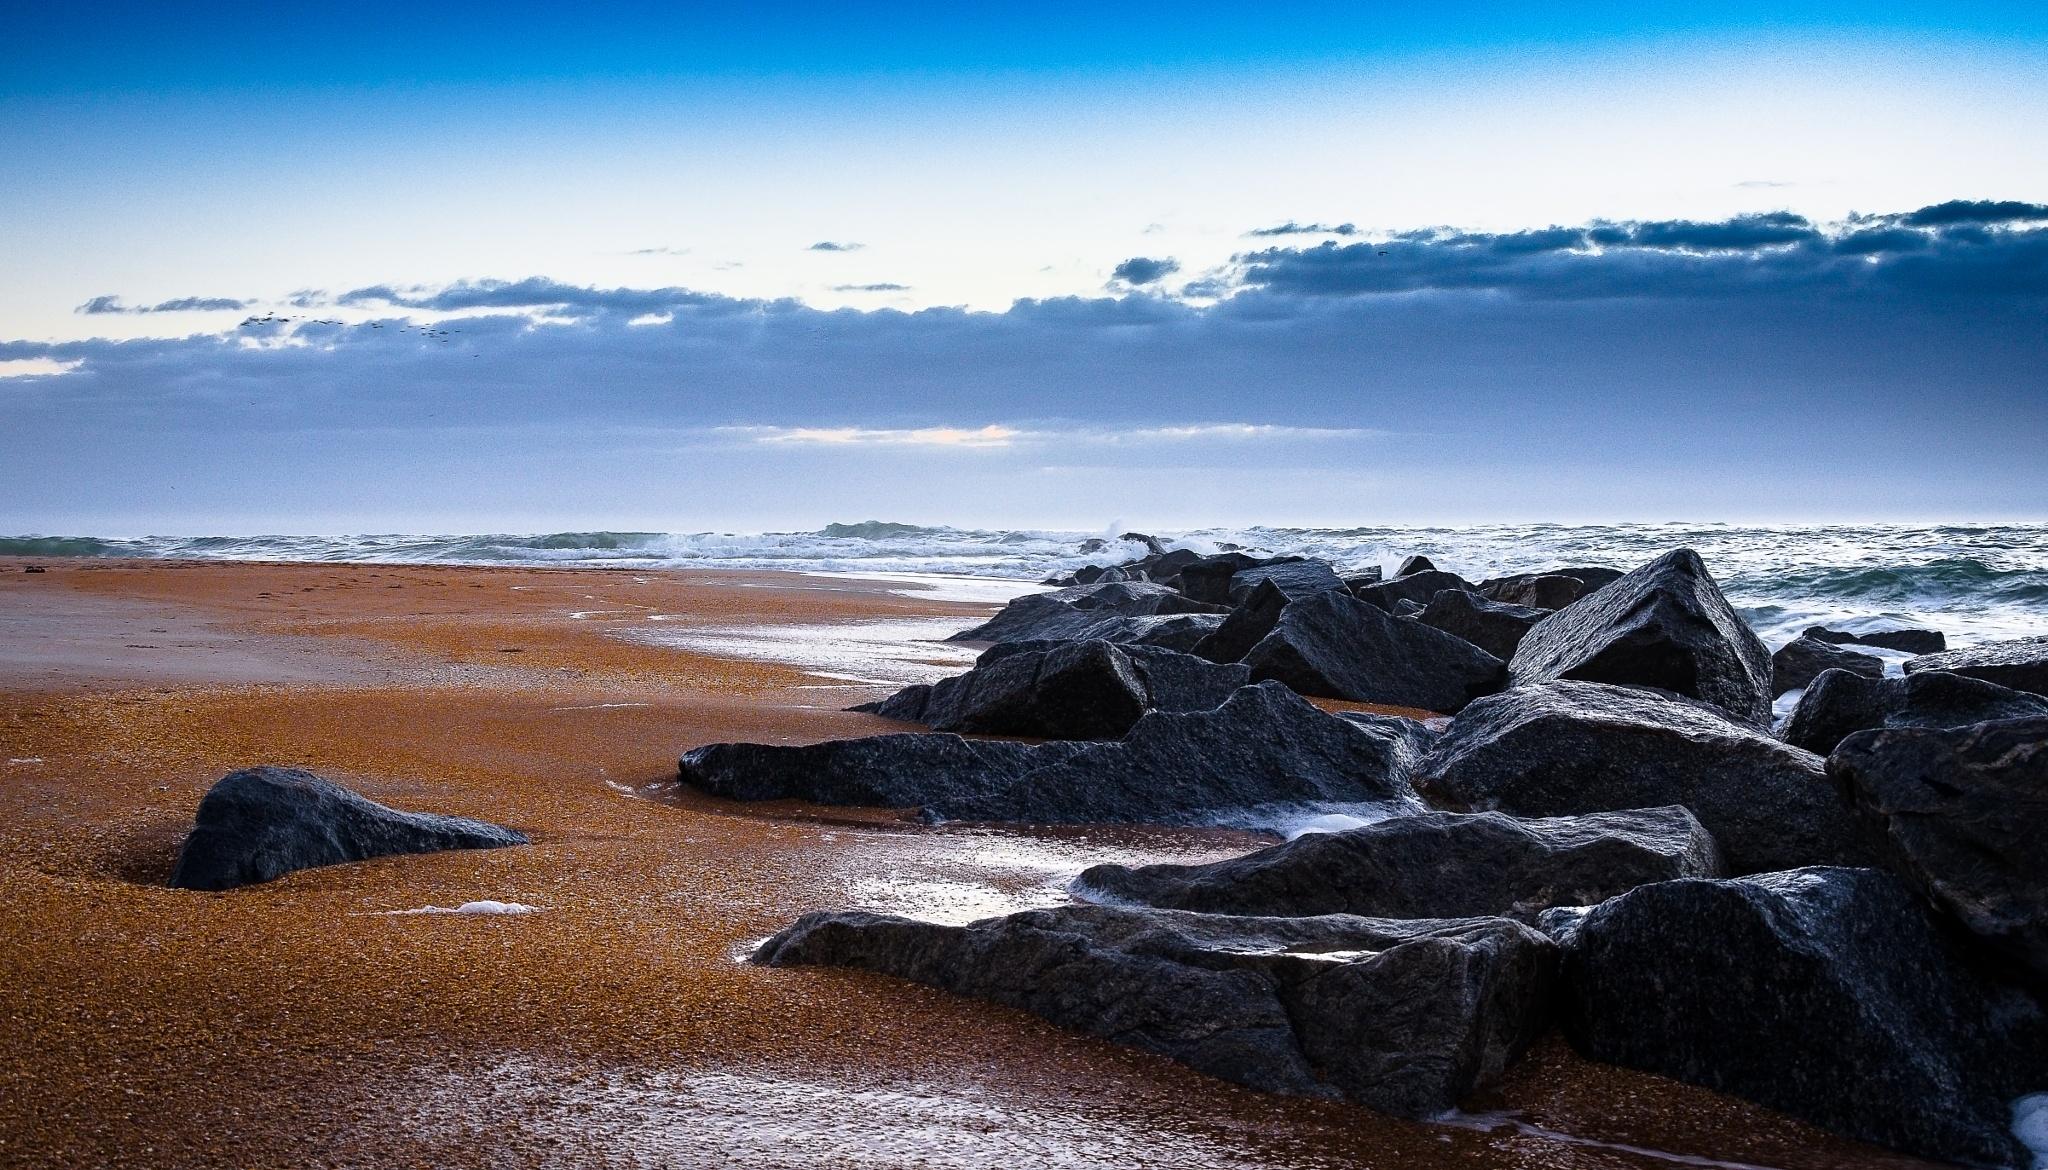 Shoreline by Paul Coleman